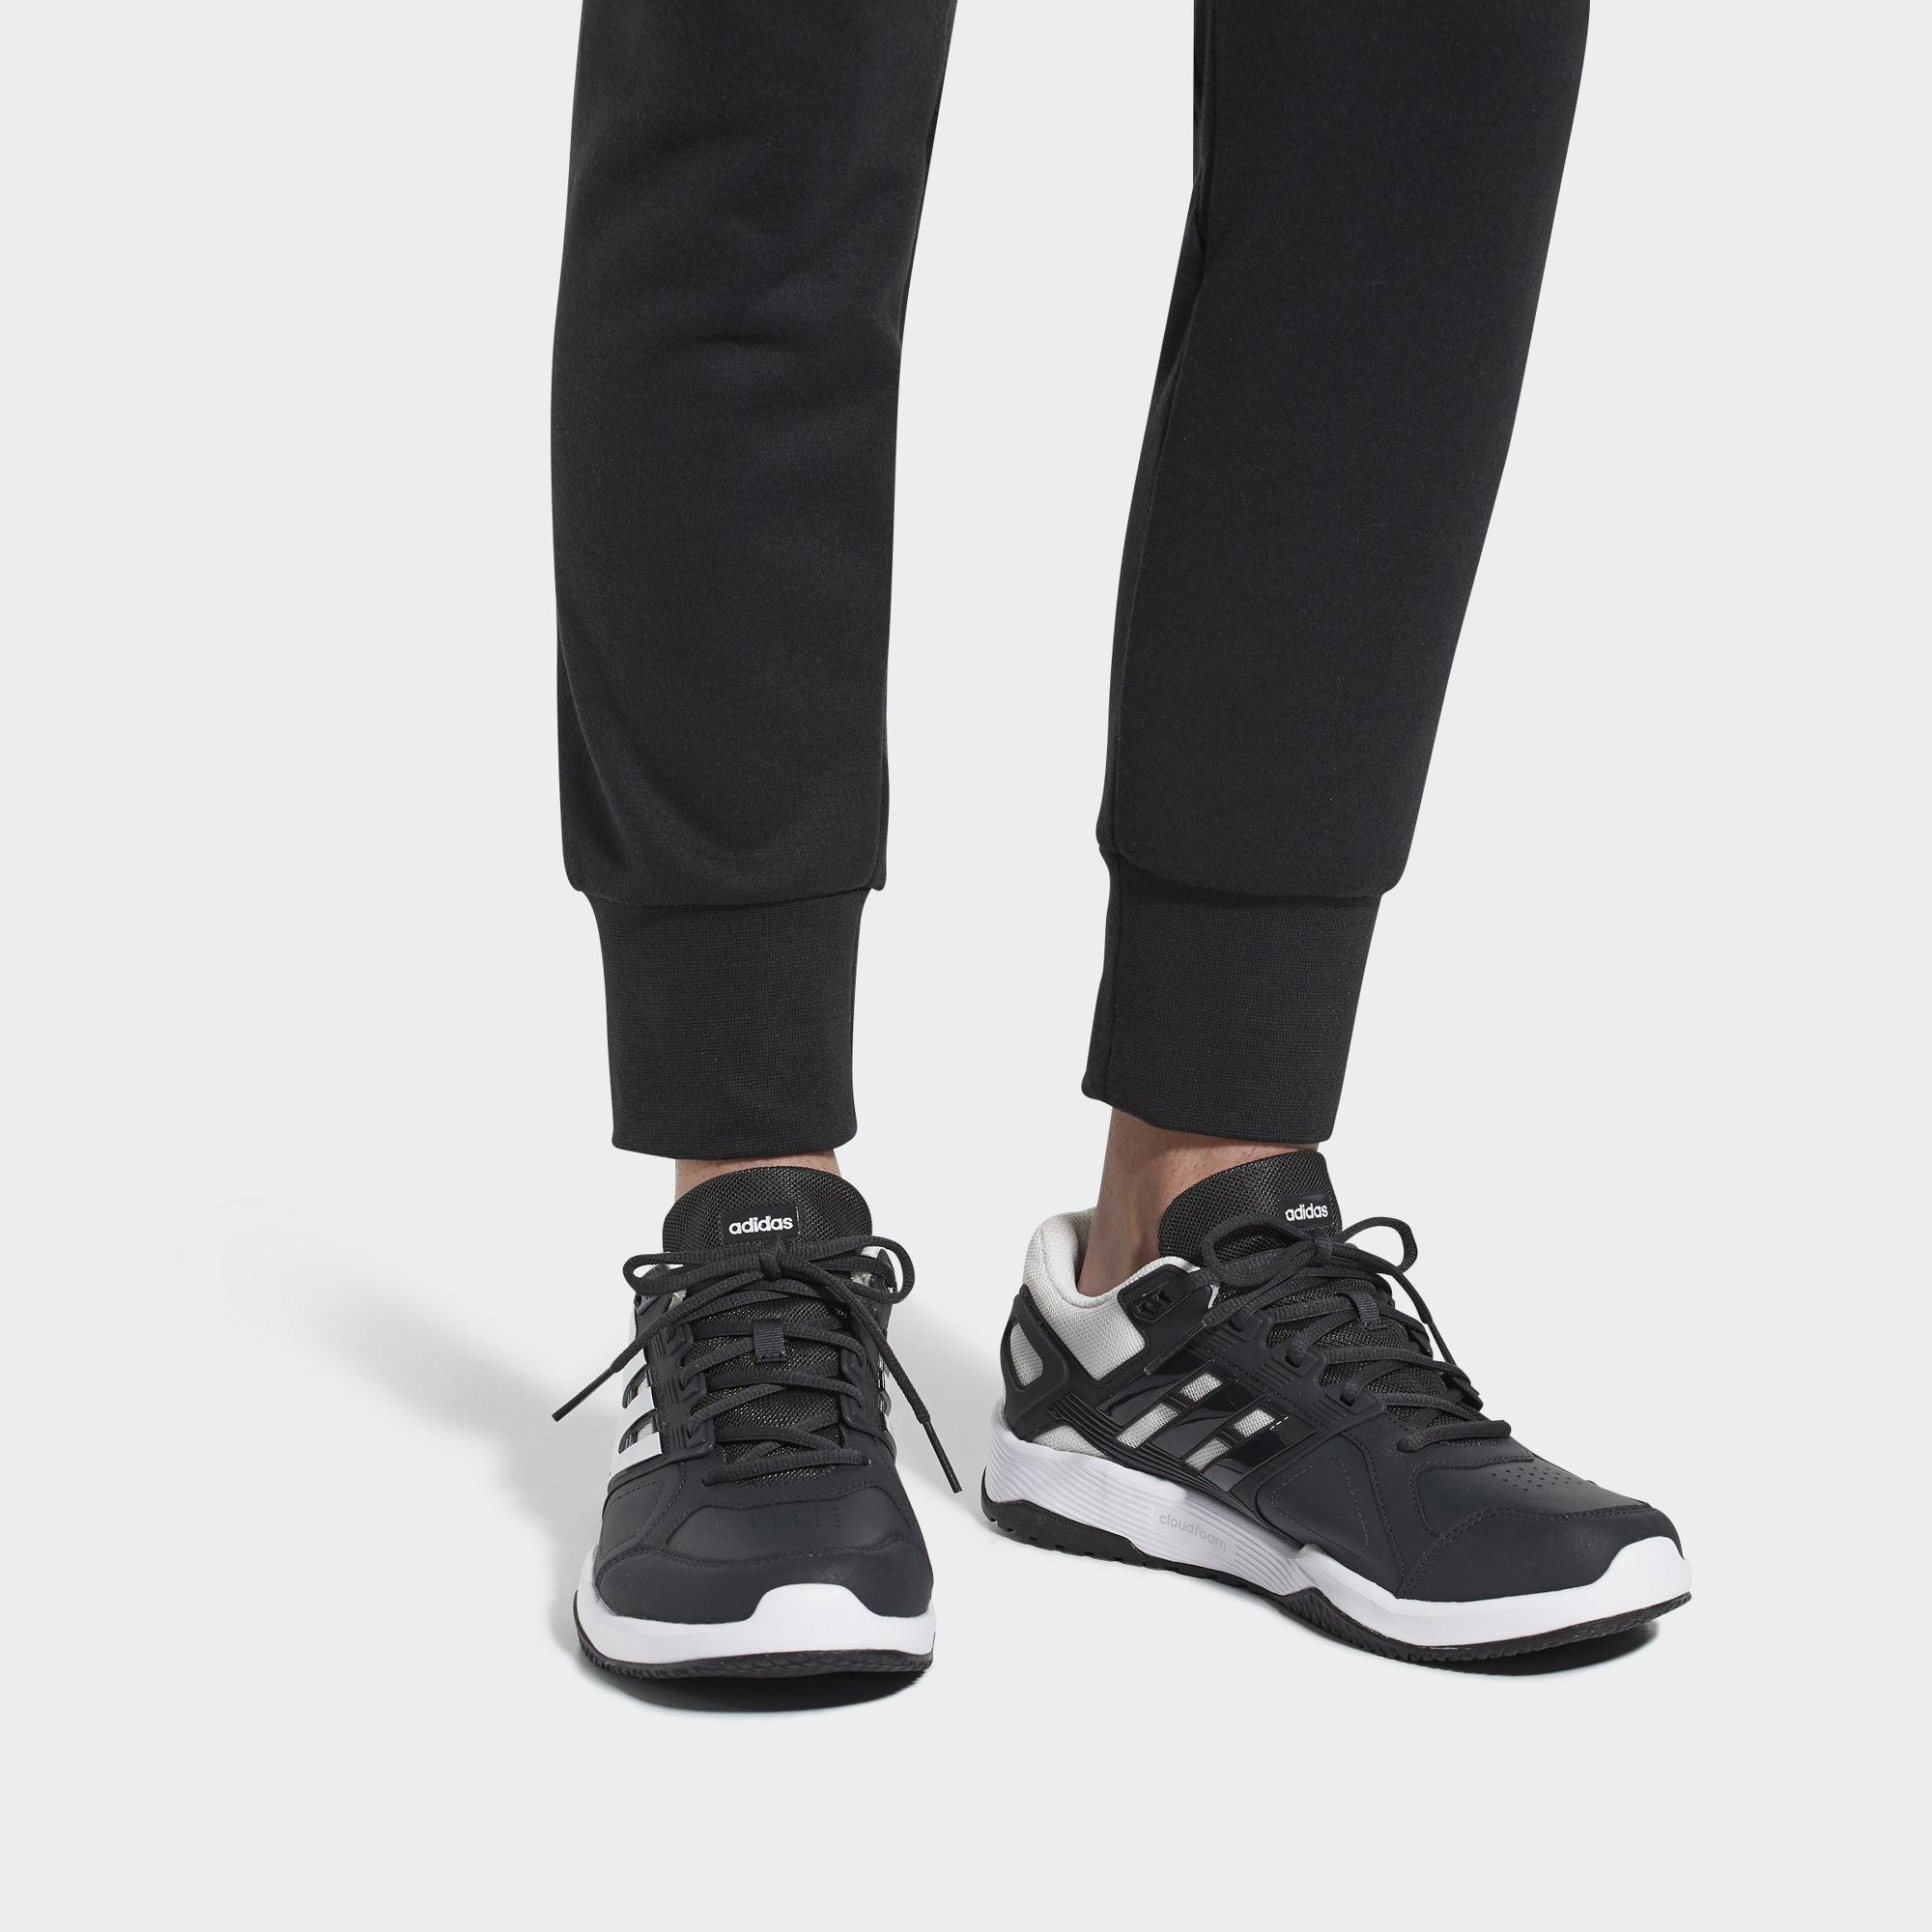 Мужские кроссовки adidas Performance Duramo 8 Trainer CG3502